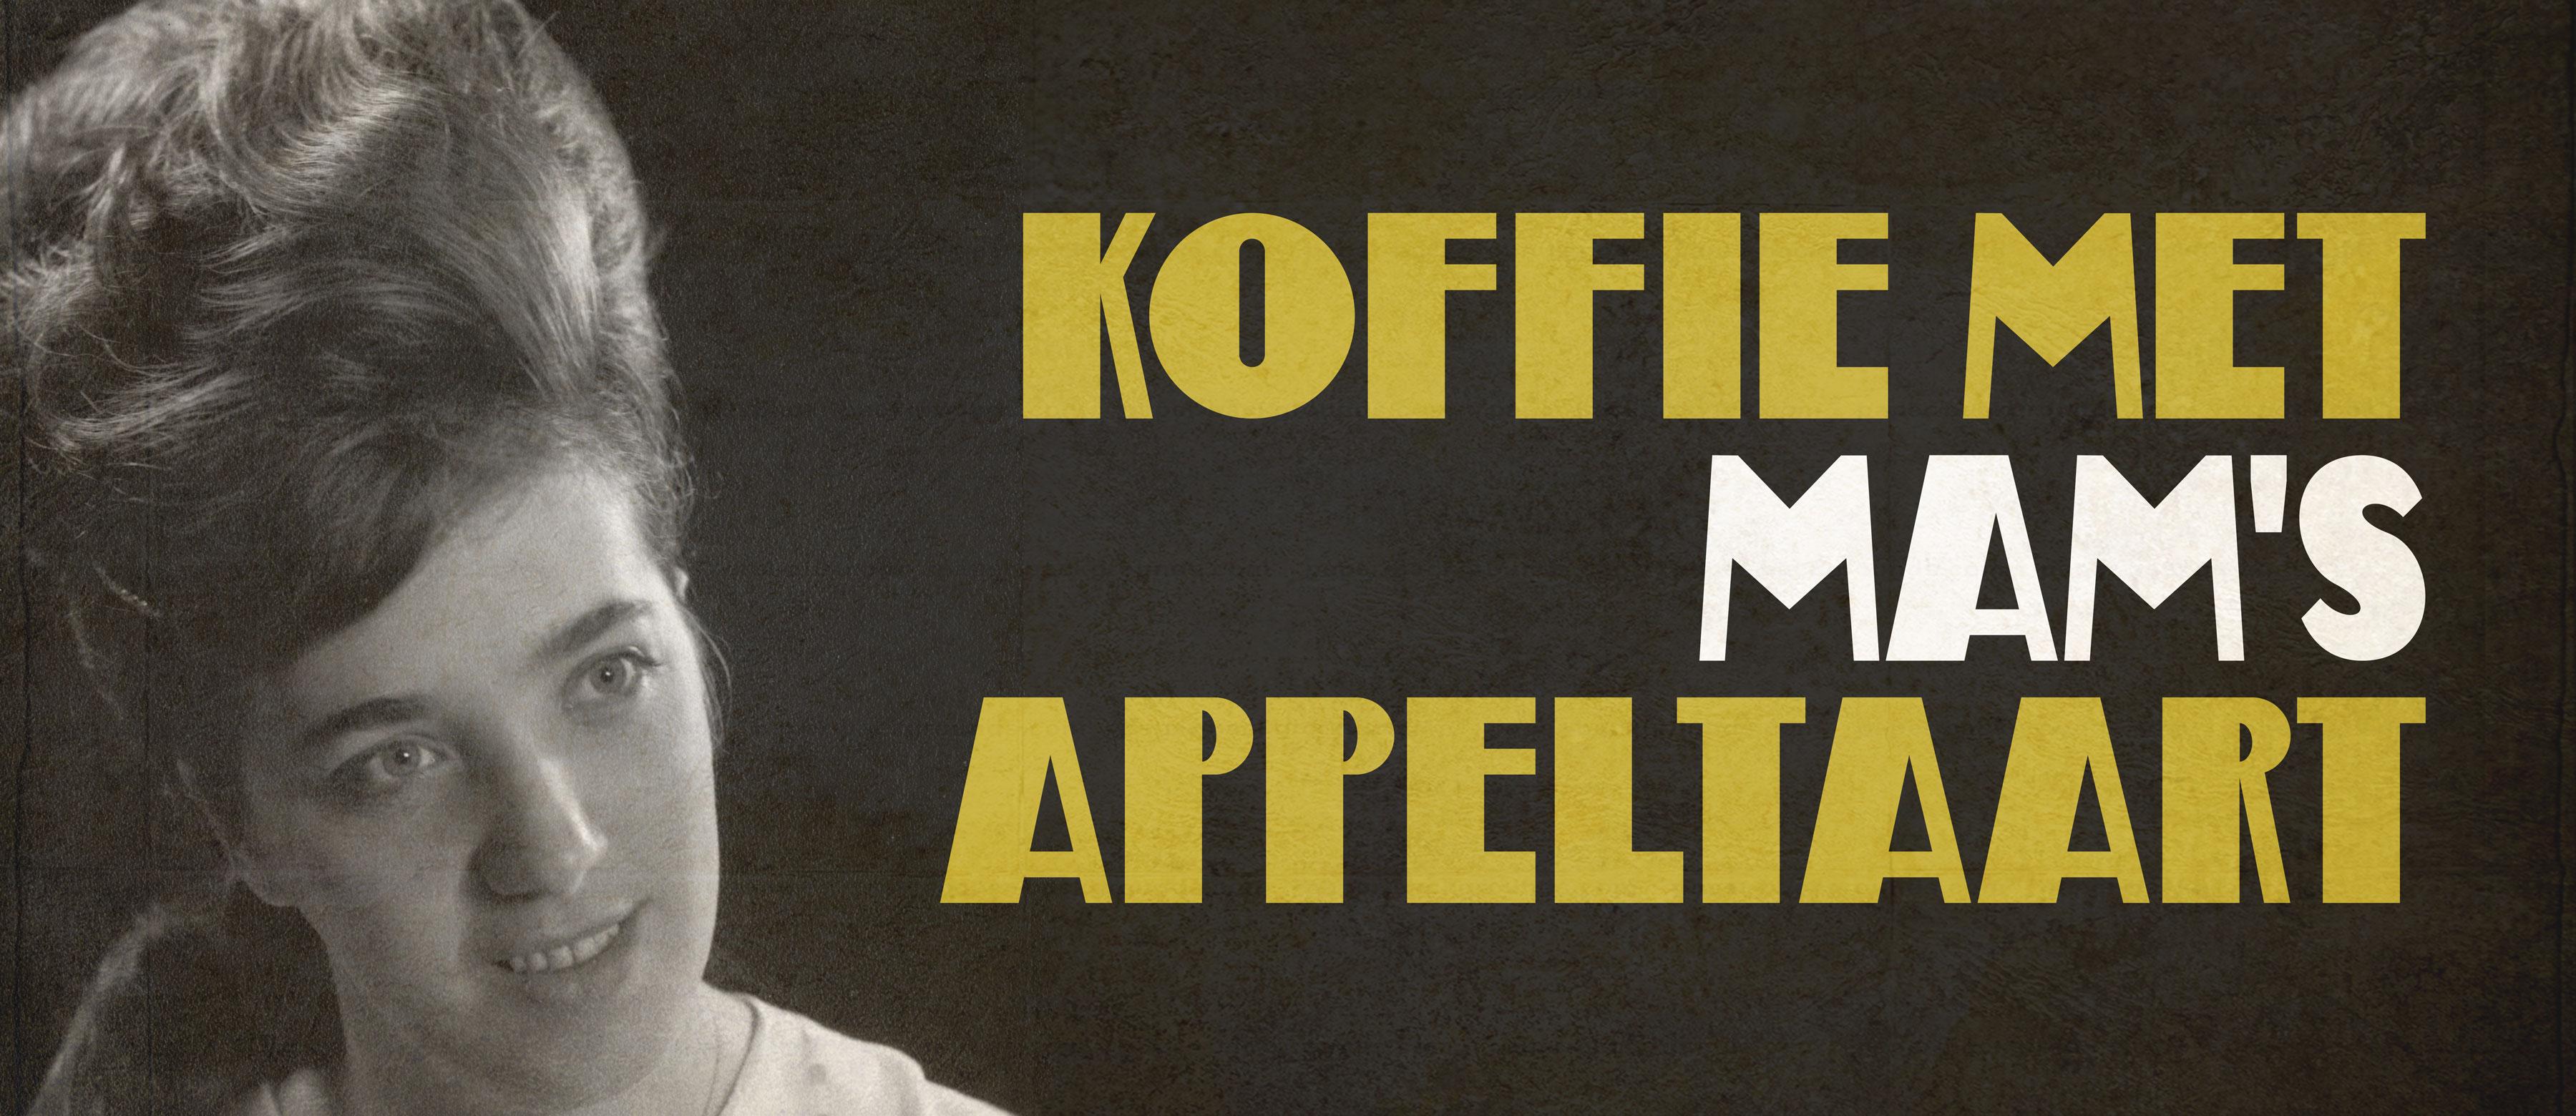 Appeltaart, Wervershoof, Annie, Mam, Café